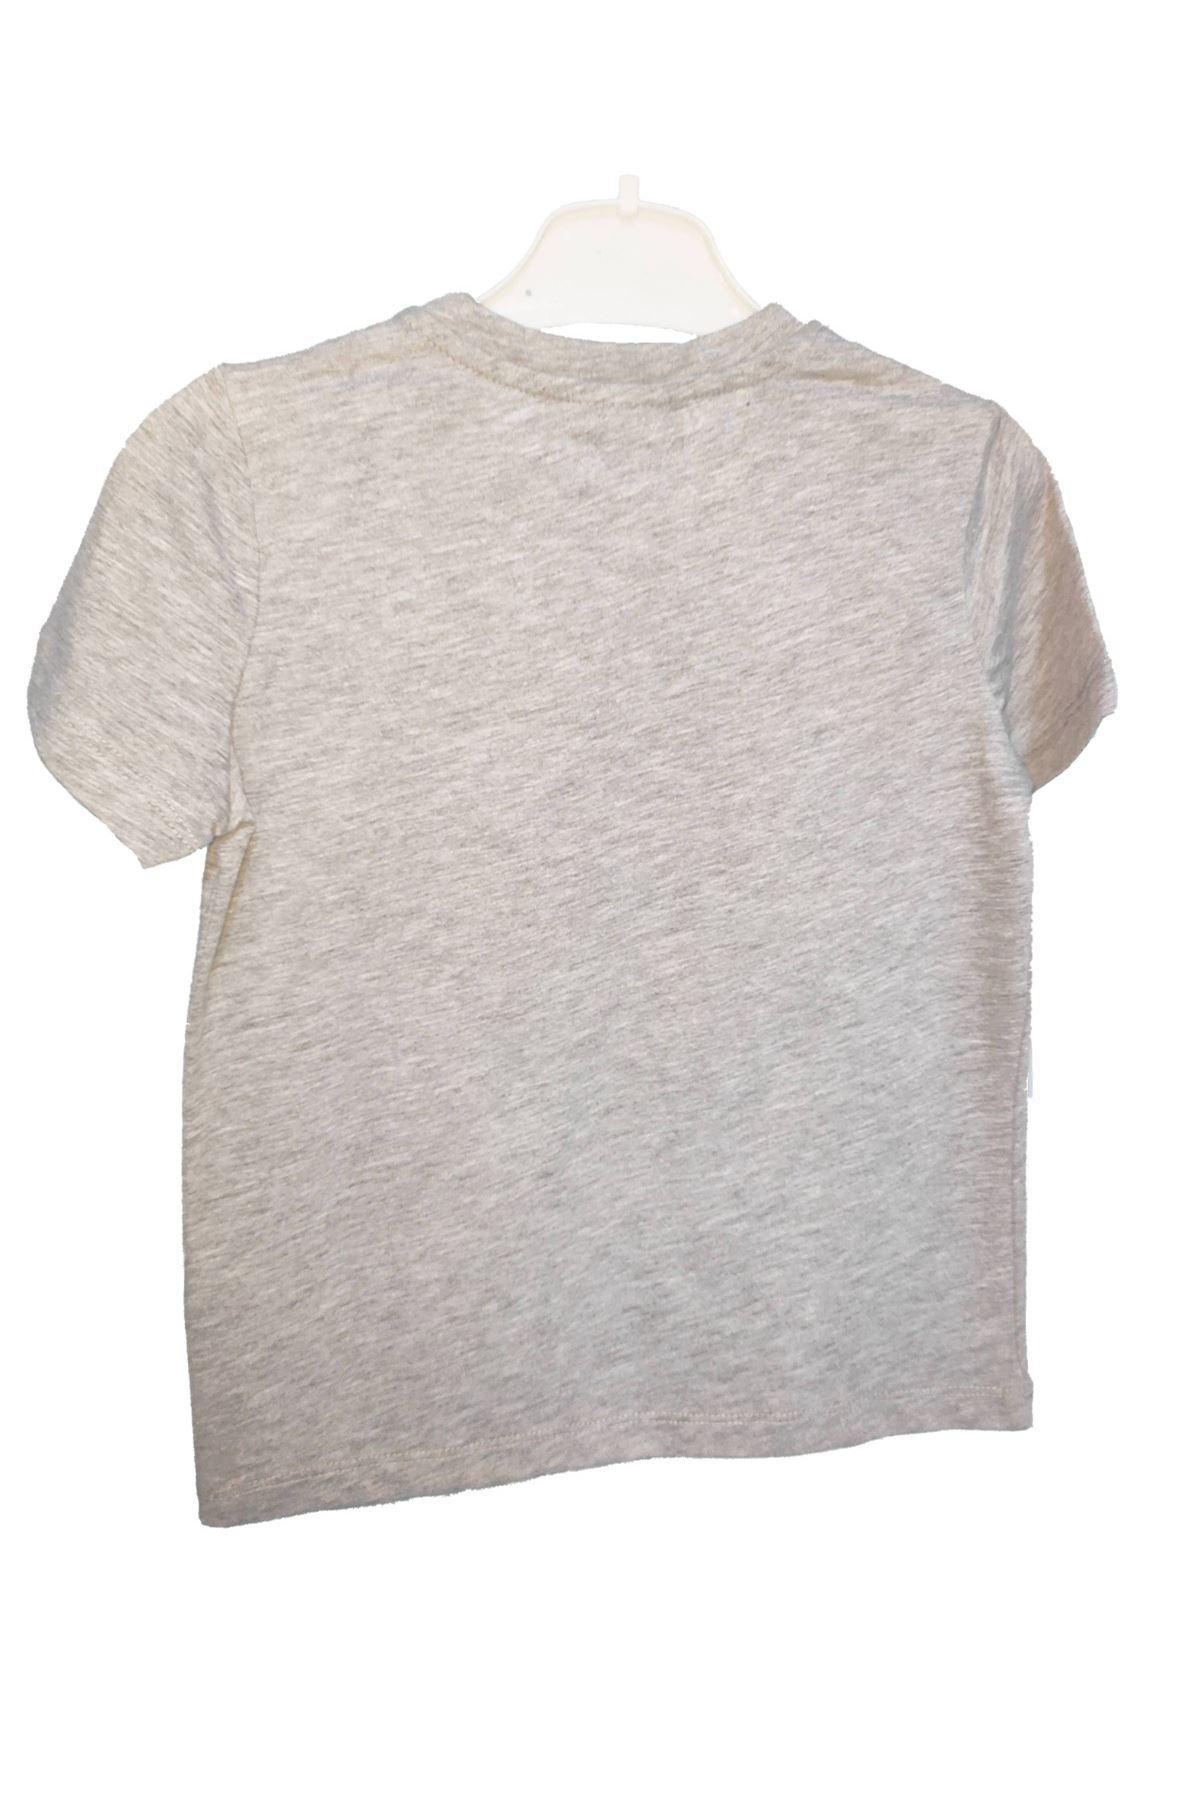 Erkek Çocuk Baskılı Gri Tişört